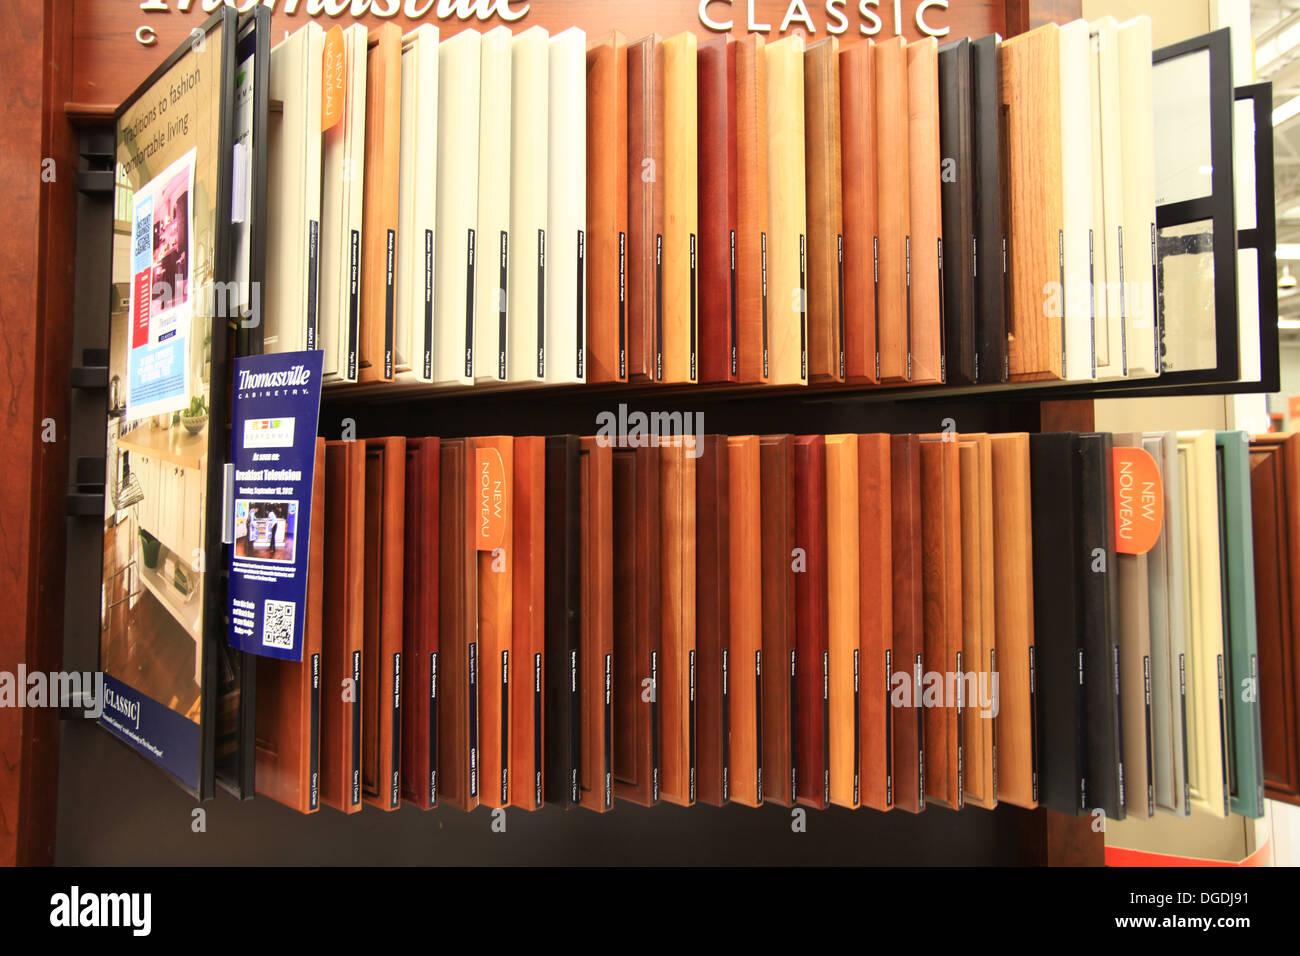 hartholz und laminatbden muster auf dem display in the home depot kitchener ontario kanada - Hartholz Oder Laminatboden